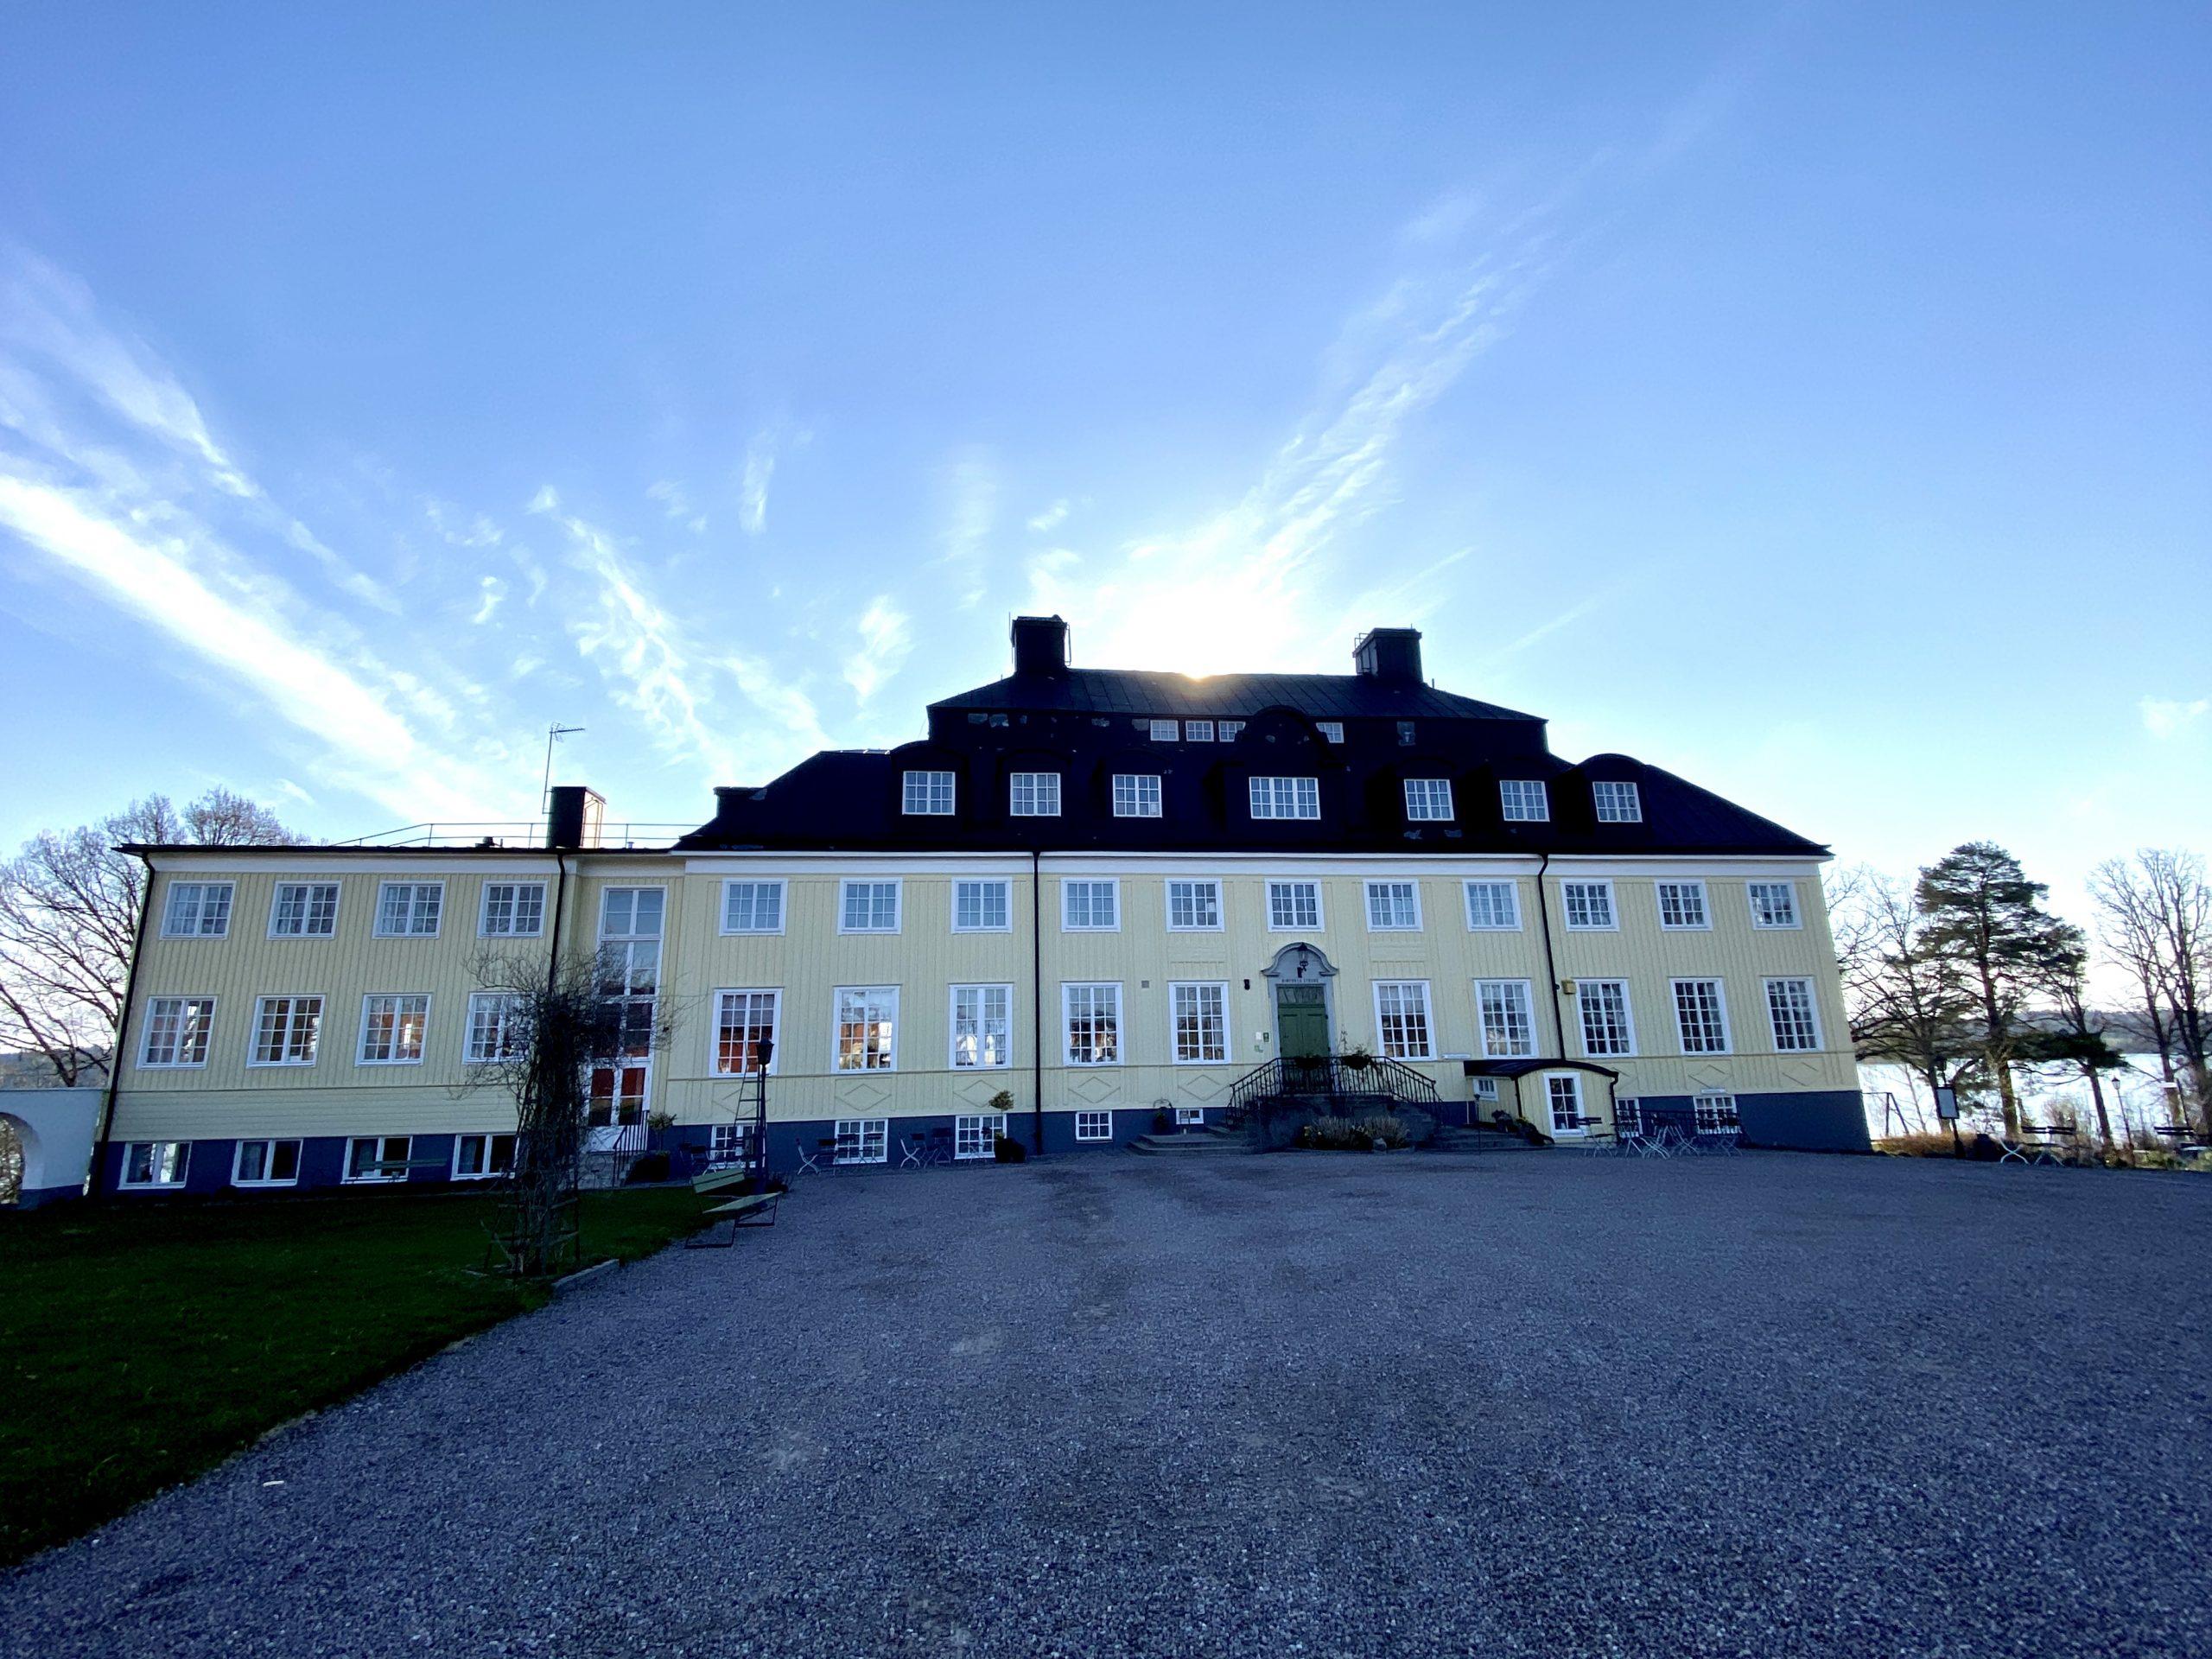 Bilden visar Rimforsa strand. En gul herrgårdsliknande hotellbyggnad i Rimforsa vid sjön Åsunden i Östergötland